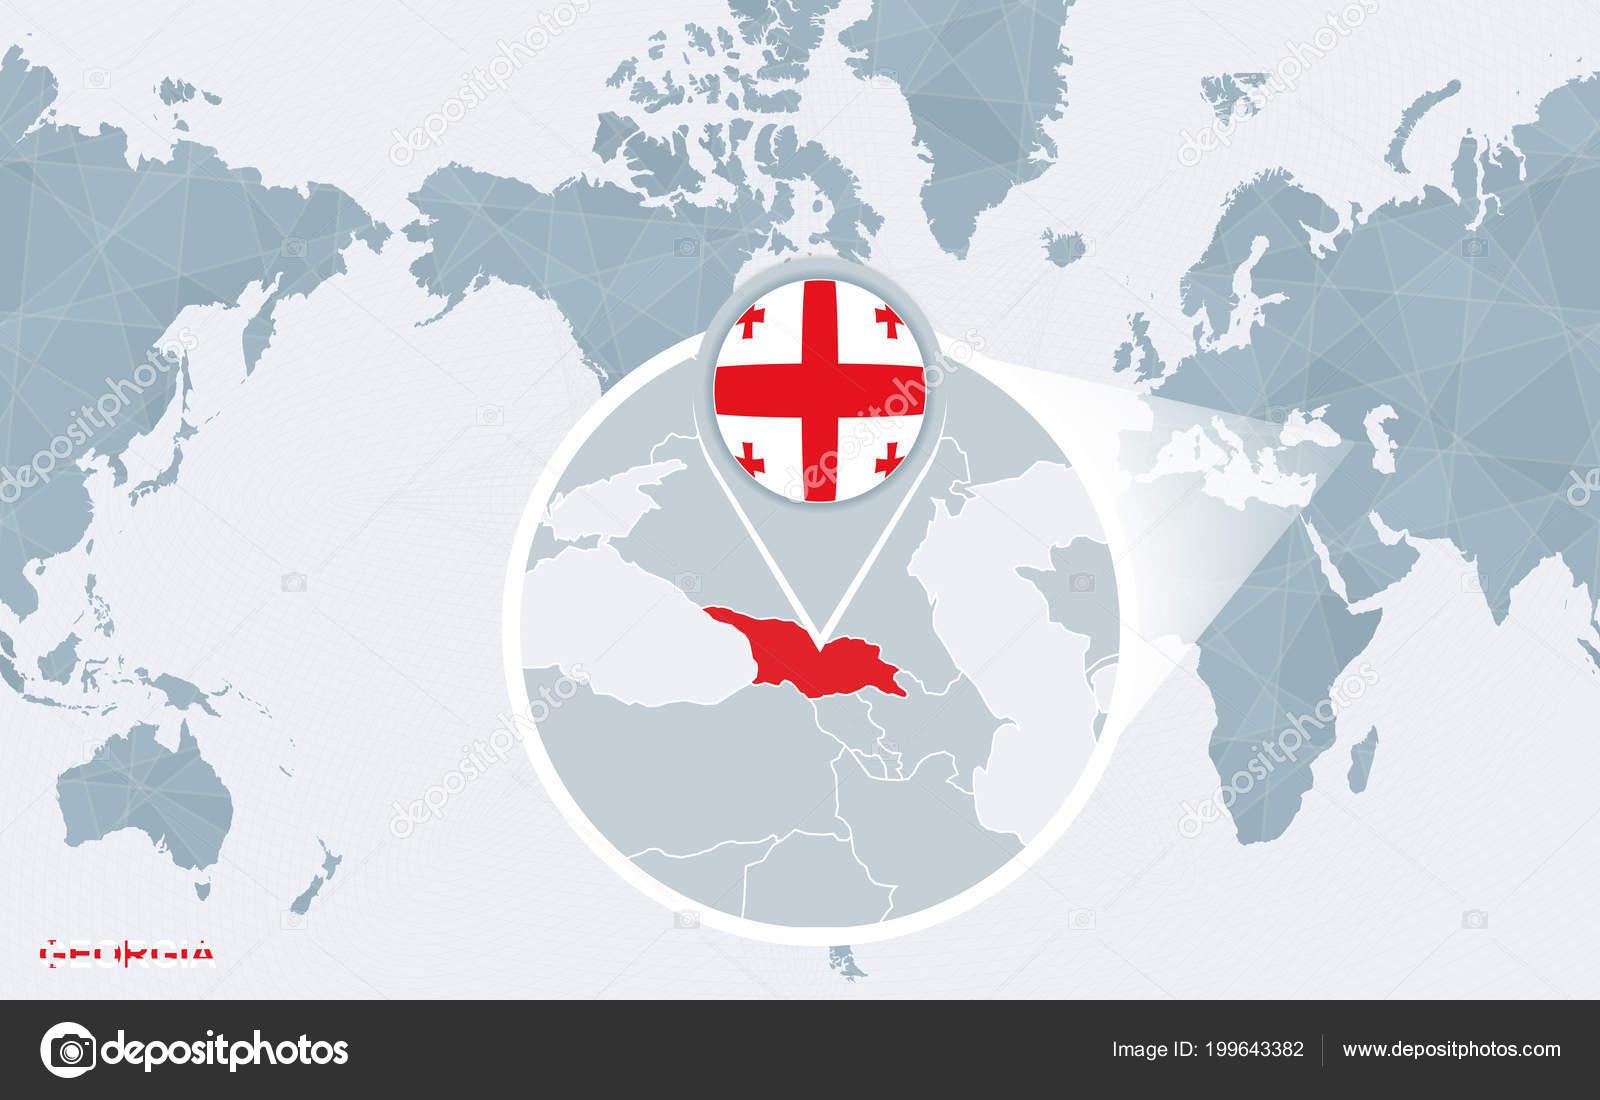 grúzia térkép Világ Térkép Középpontjában Amerikai Nagyított Grúziával Kék  grúzia térkép